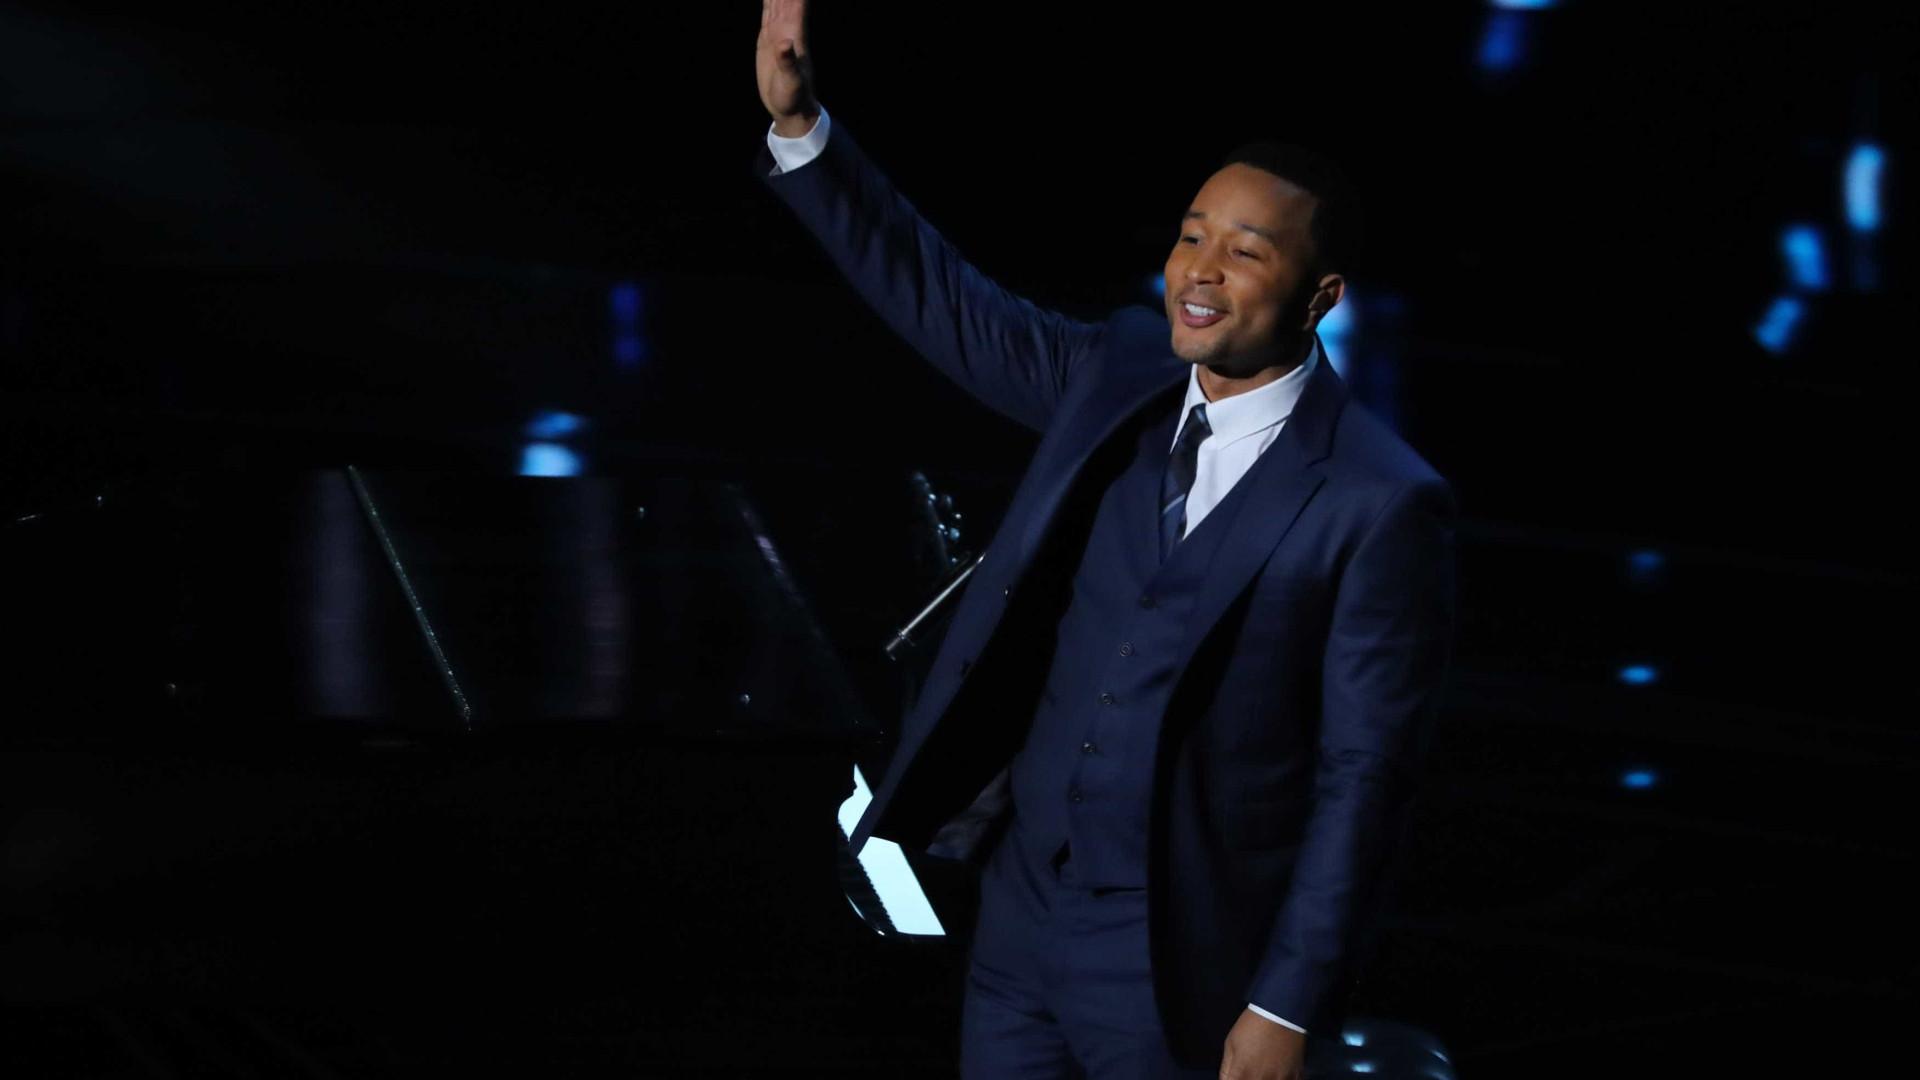 Netflix e John Legend se juntam para criar competição musical, afirma site